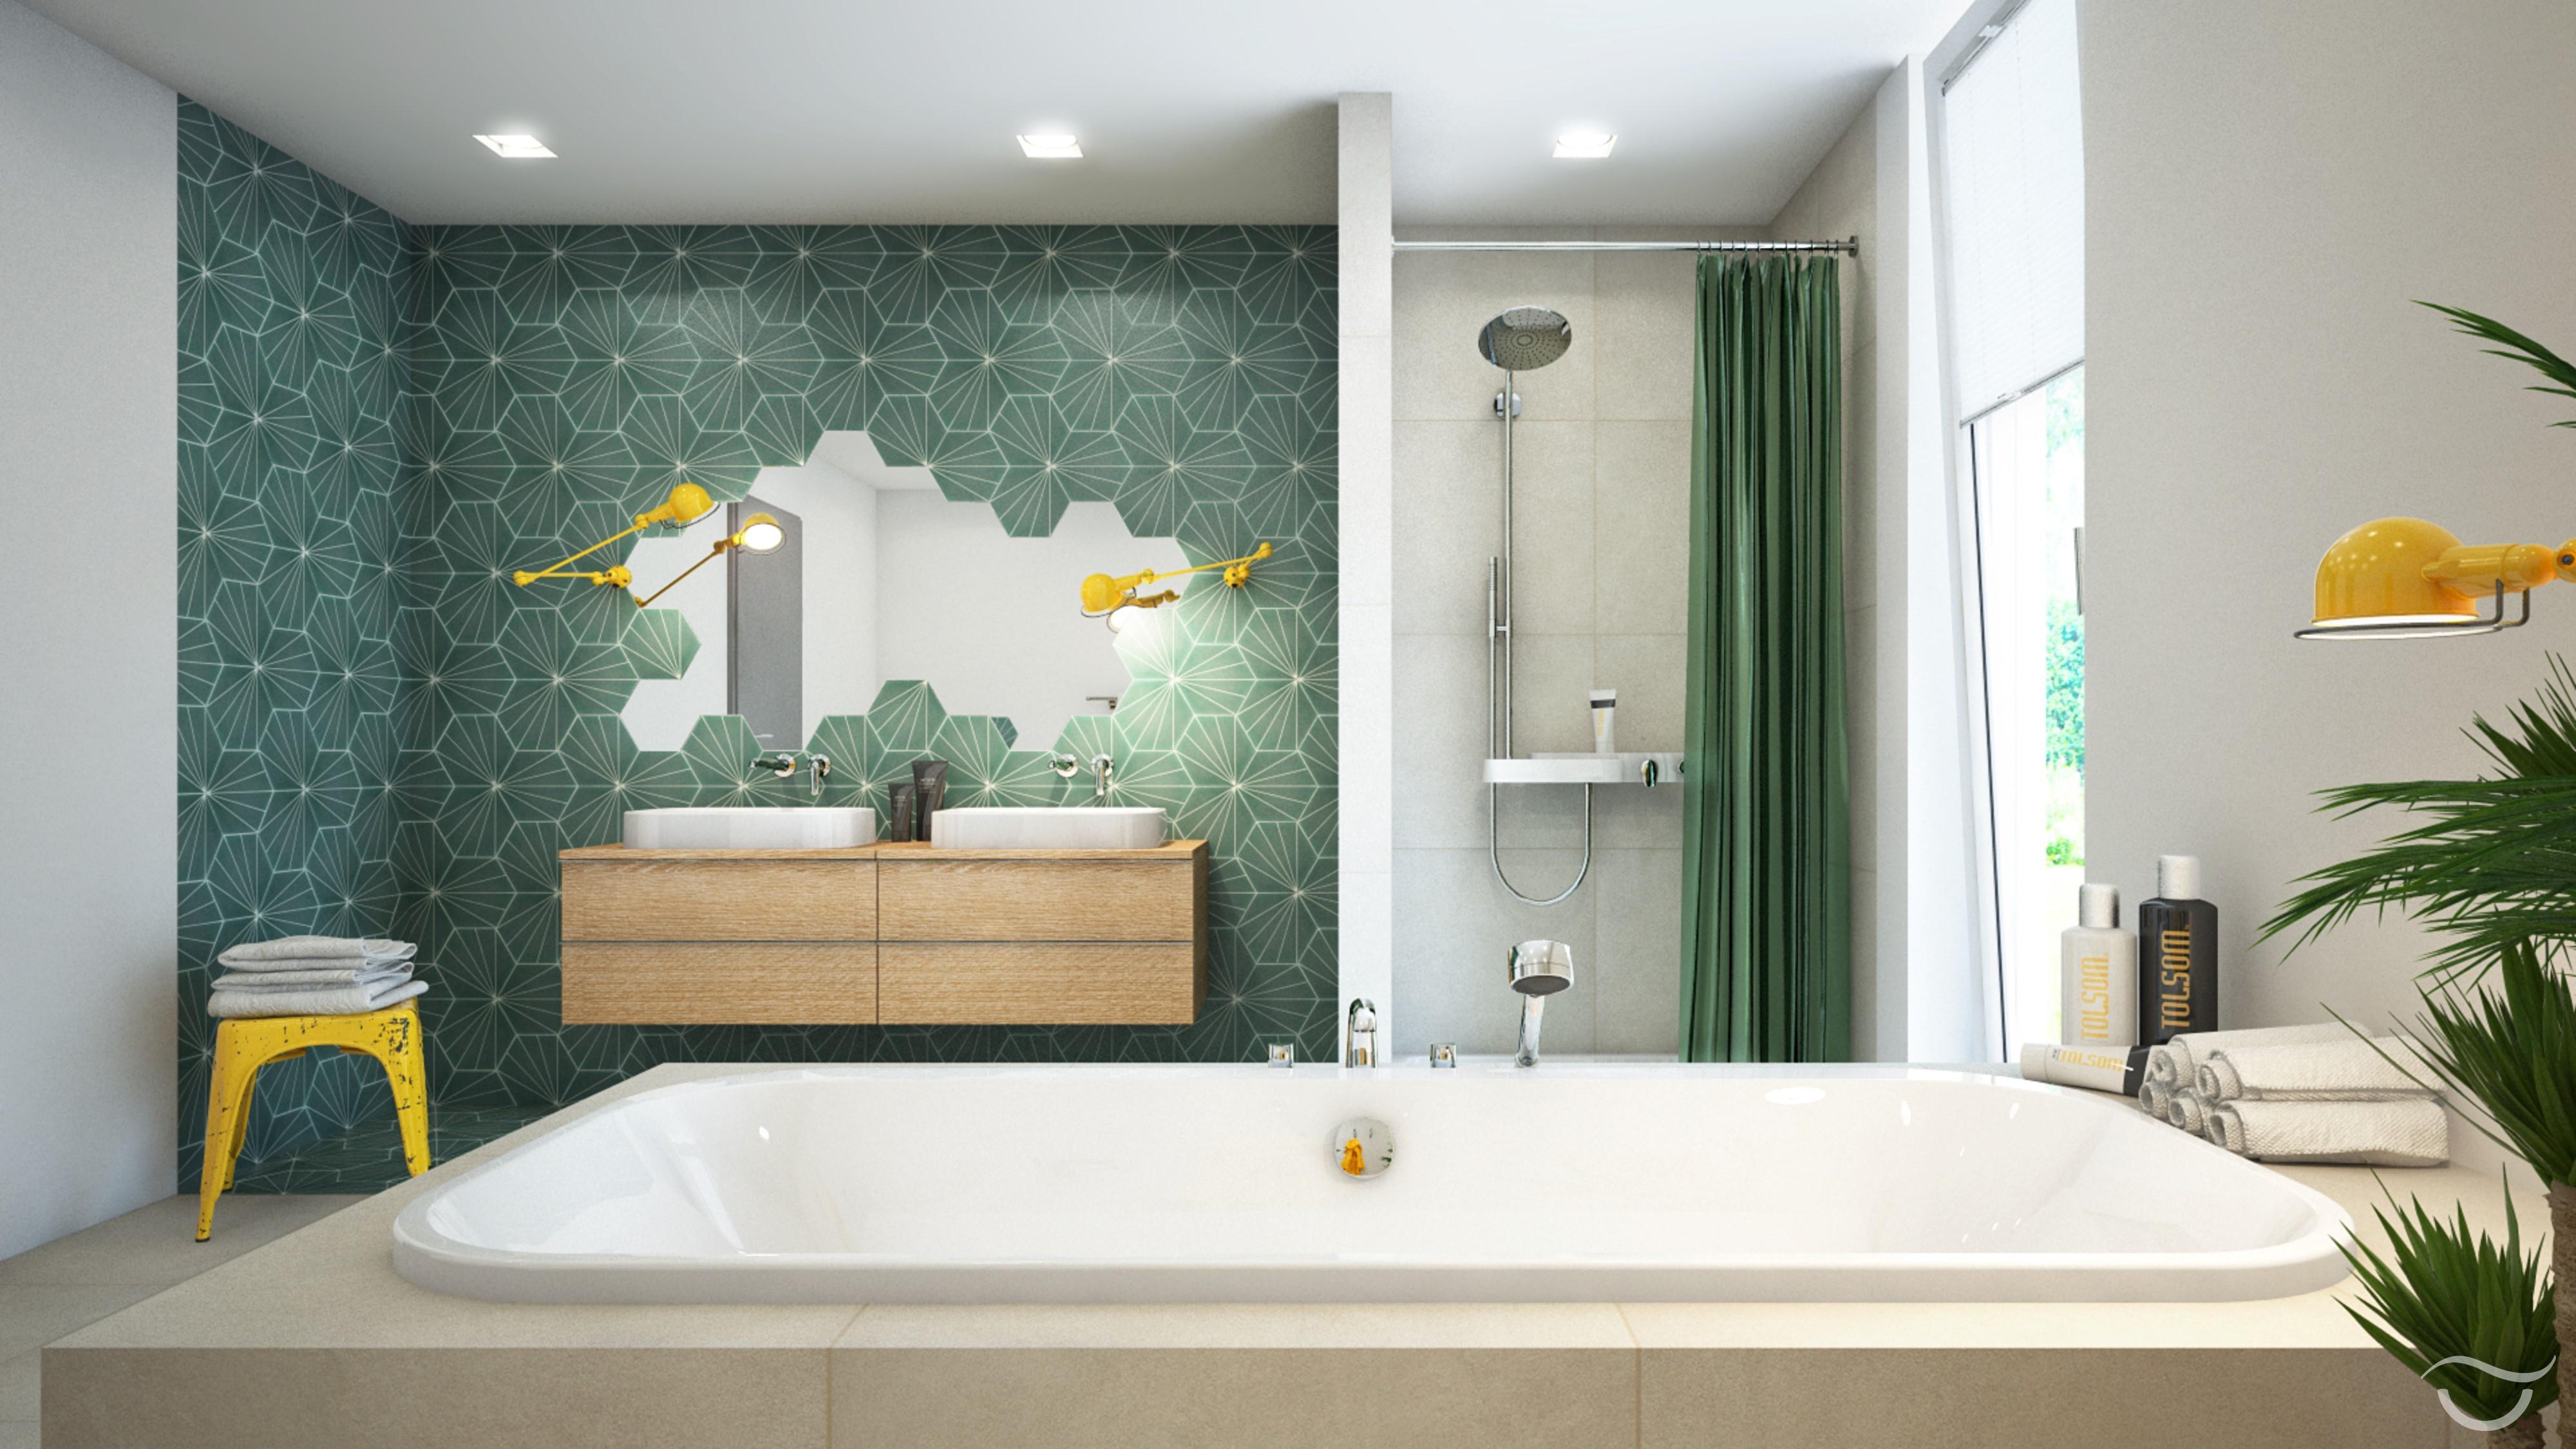 Einbau Dusche einbaudusche bilder ideen couchstyle